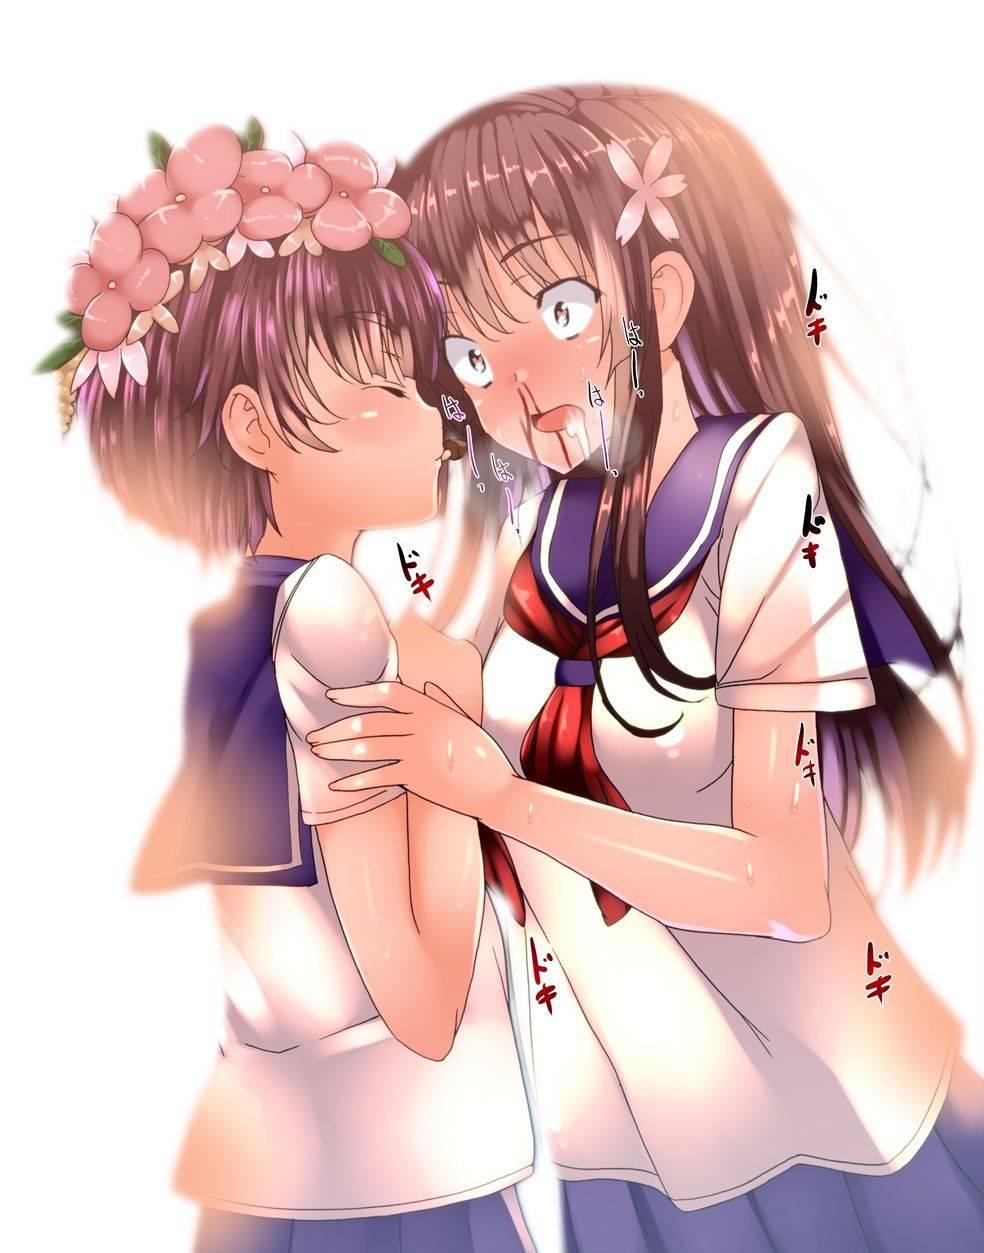 【リアクションが昭和】興奮して鼻血ブーしてる女子達の二次エロ画像【27】